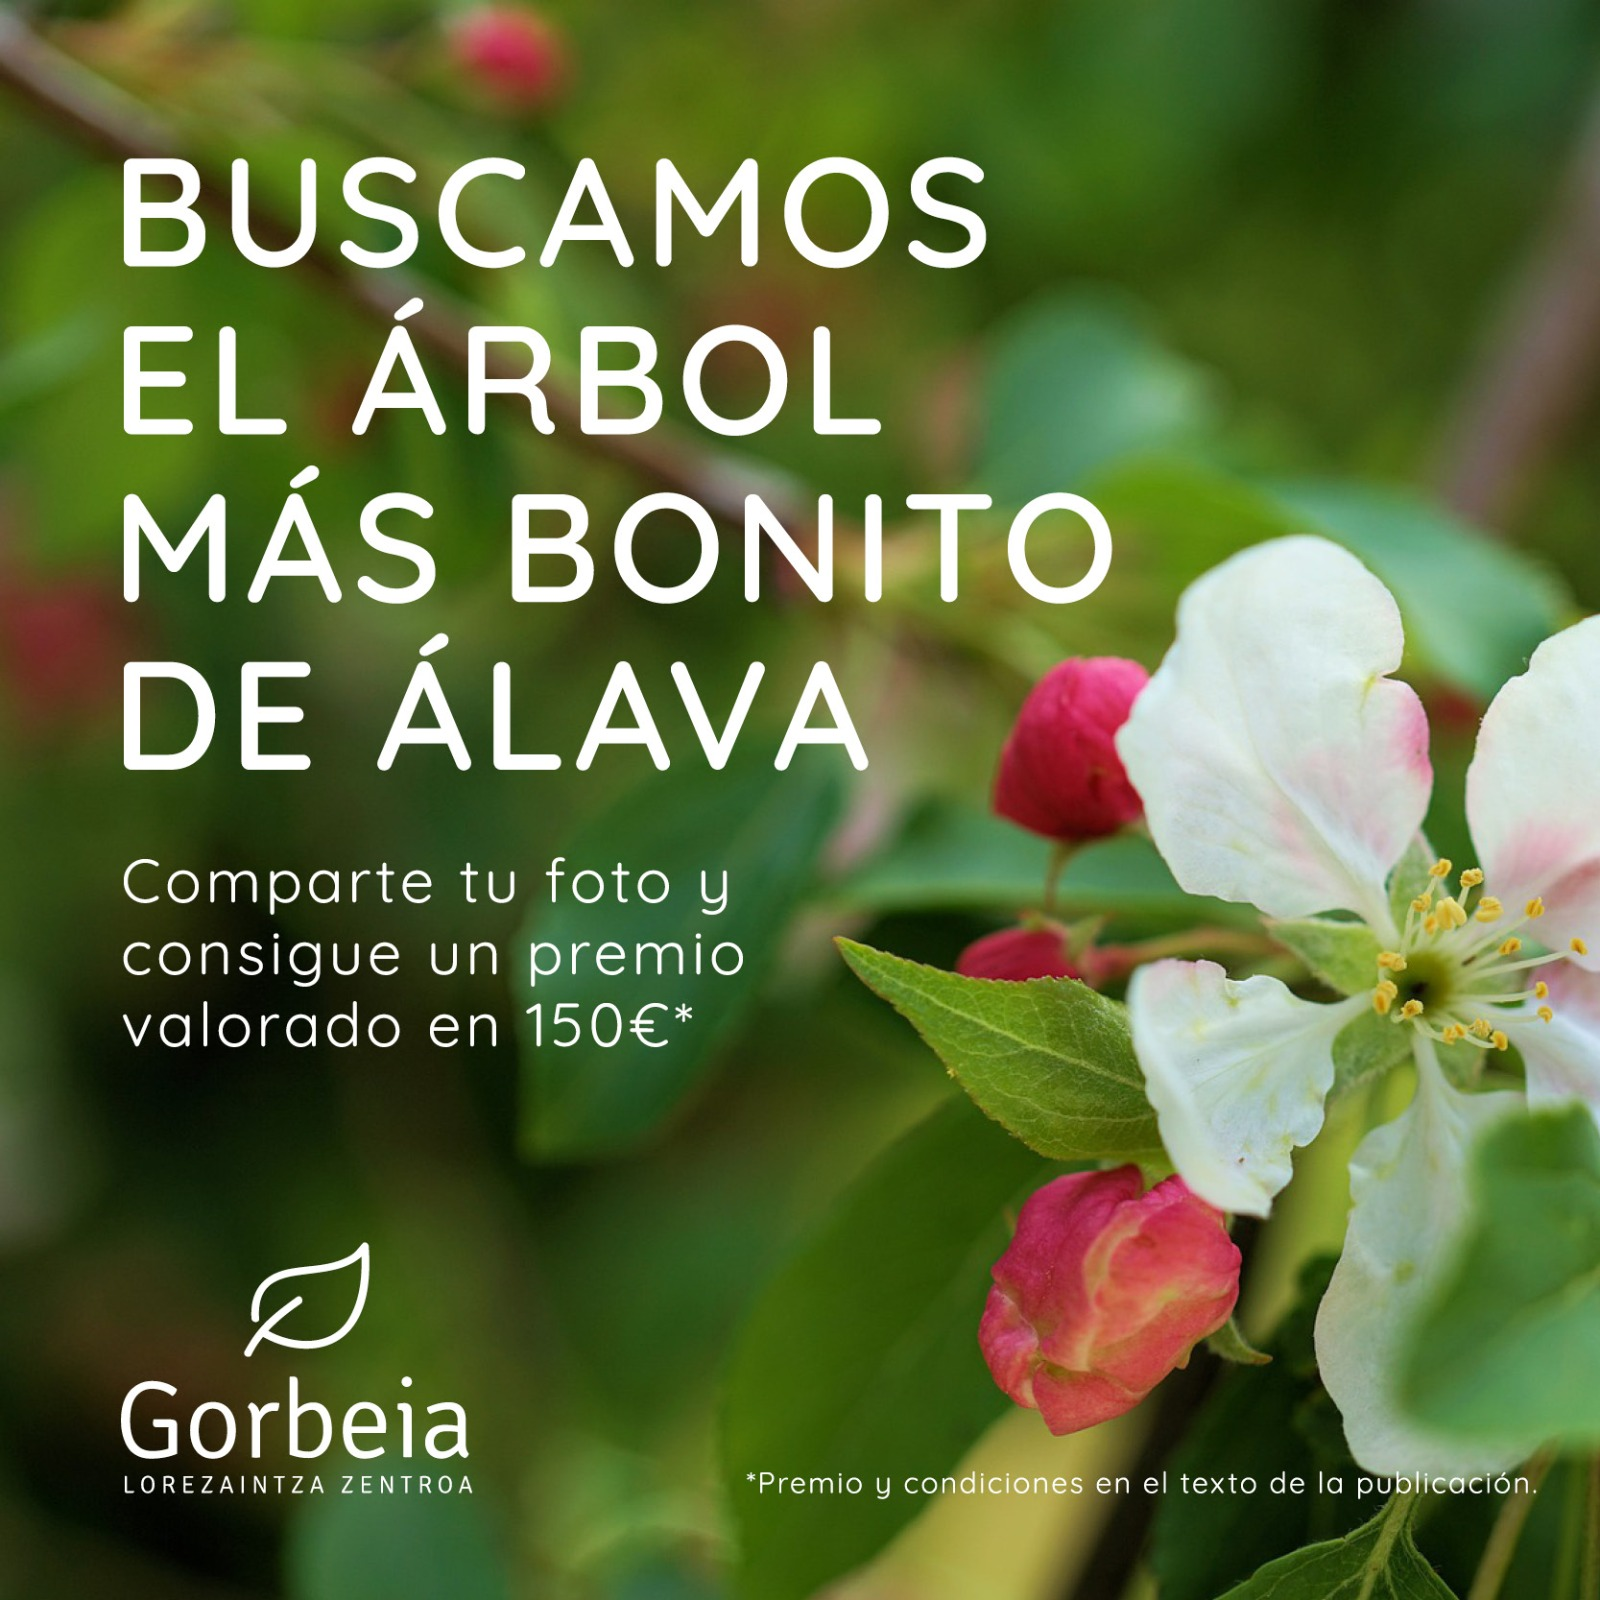 Concurso jardinería Vitoria Gasteiz